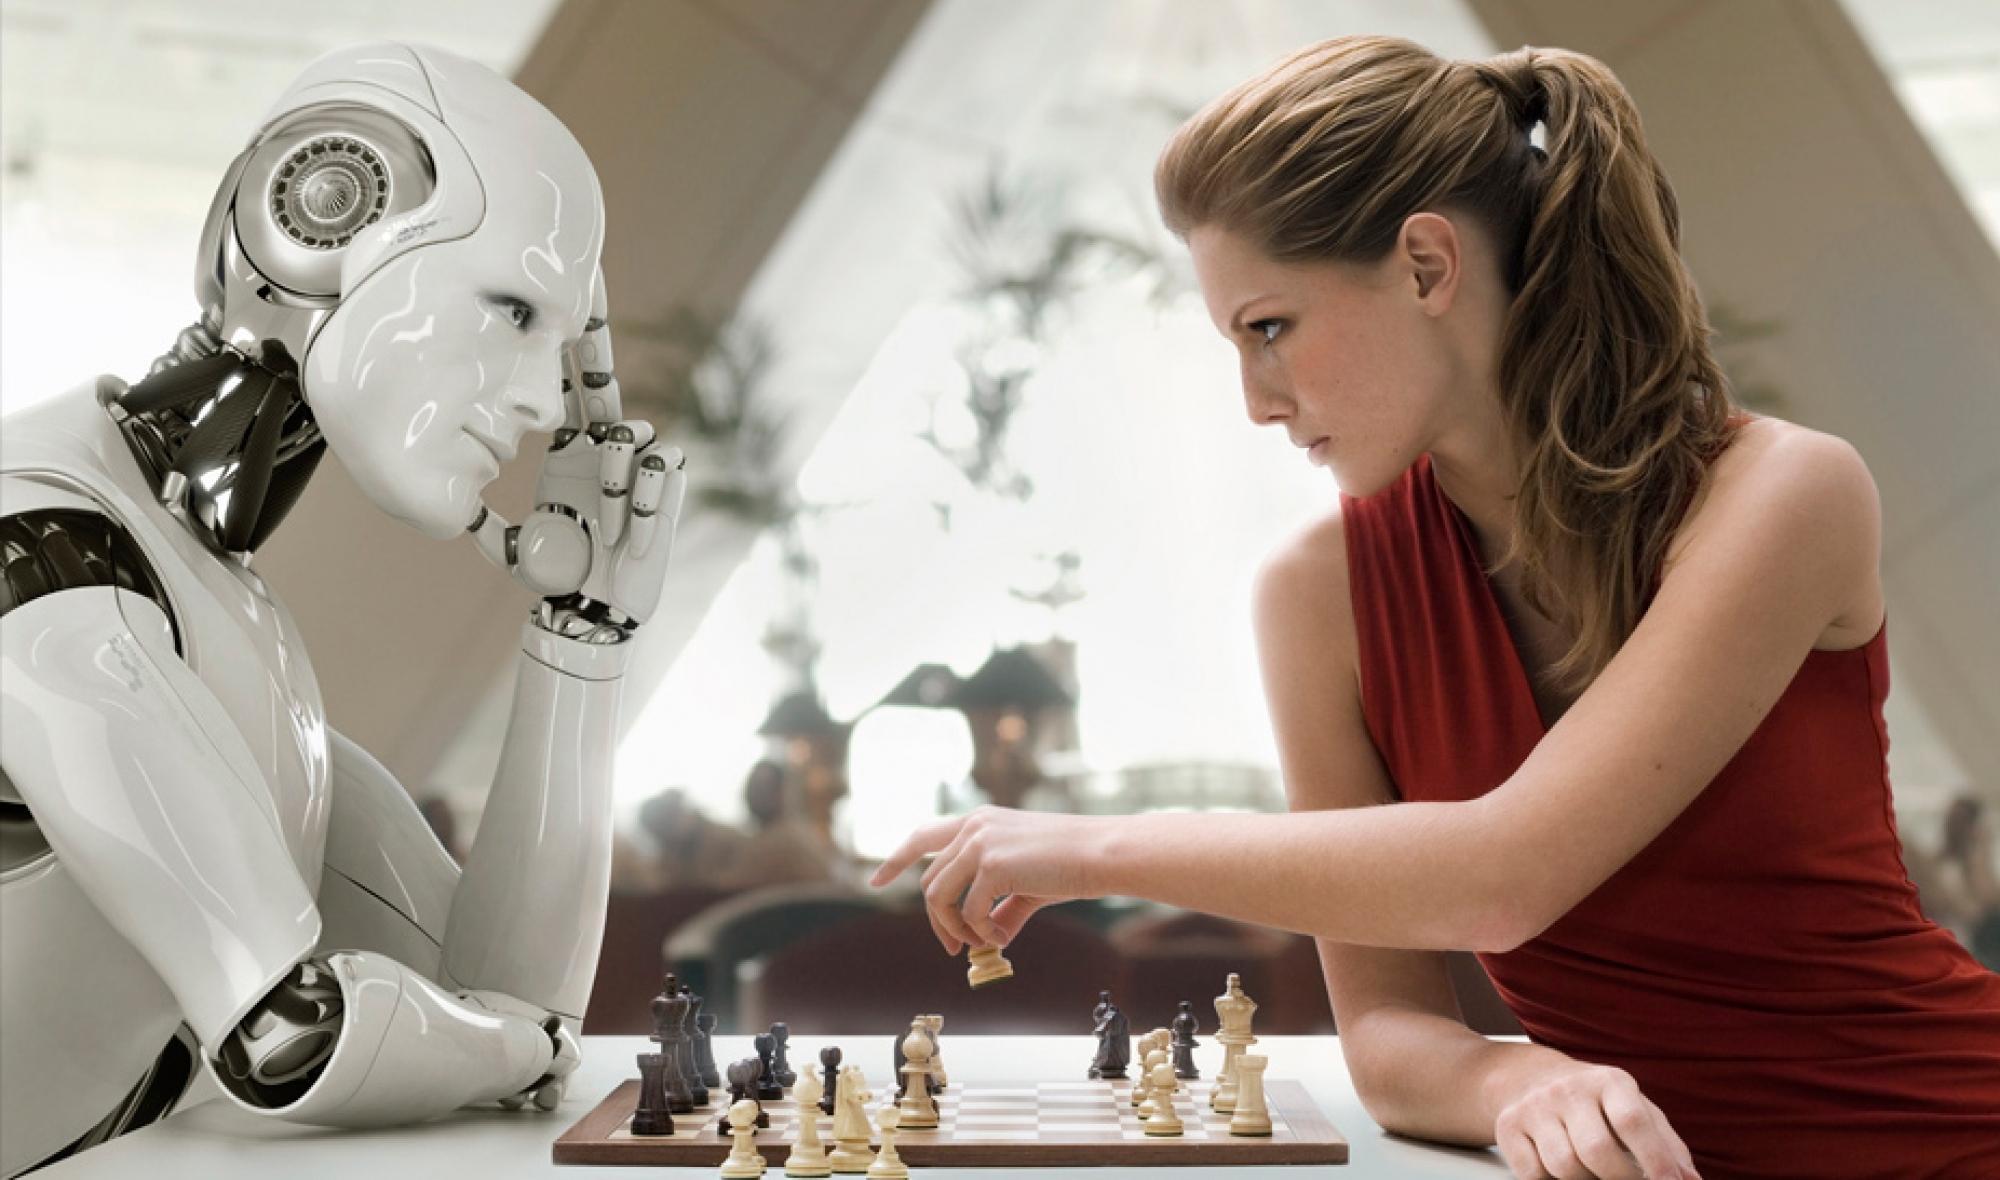 Dyson намерен создать домашнего робота, способного «видеть и думать», как человек